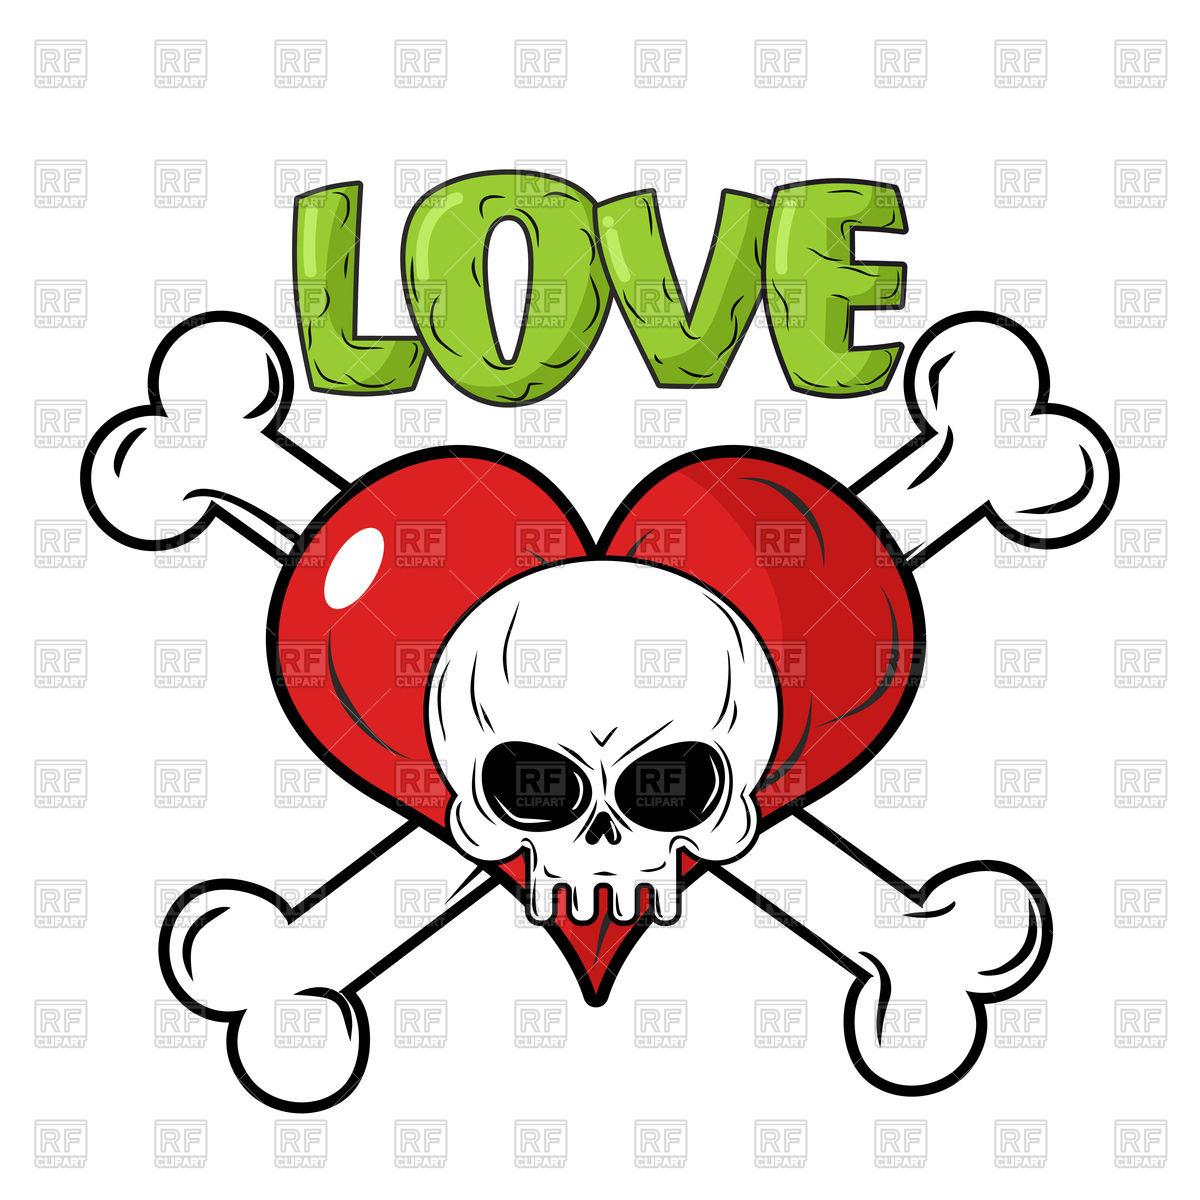 1200x1200 Skull, Crossbones And Heart